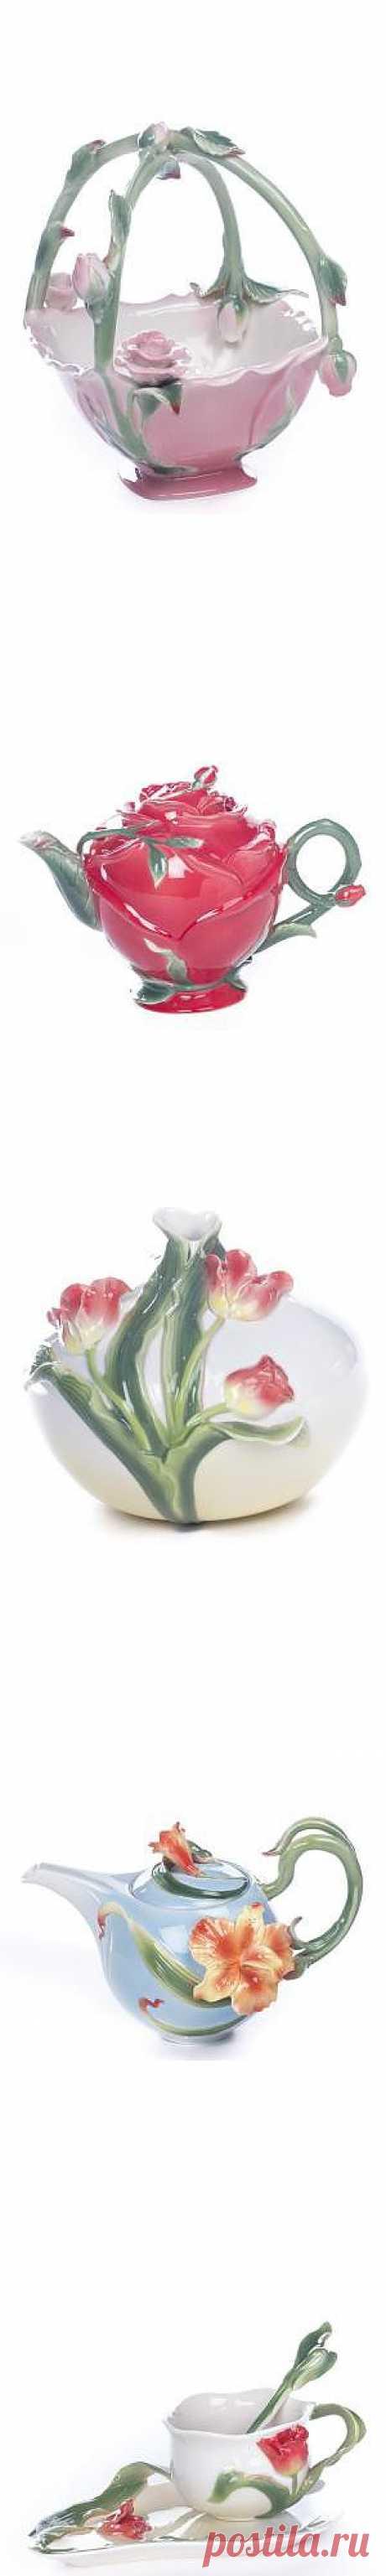 Для всеобщего фурора - декоративные элементы и посуда из фарфора, от 45 грн / Акции